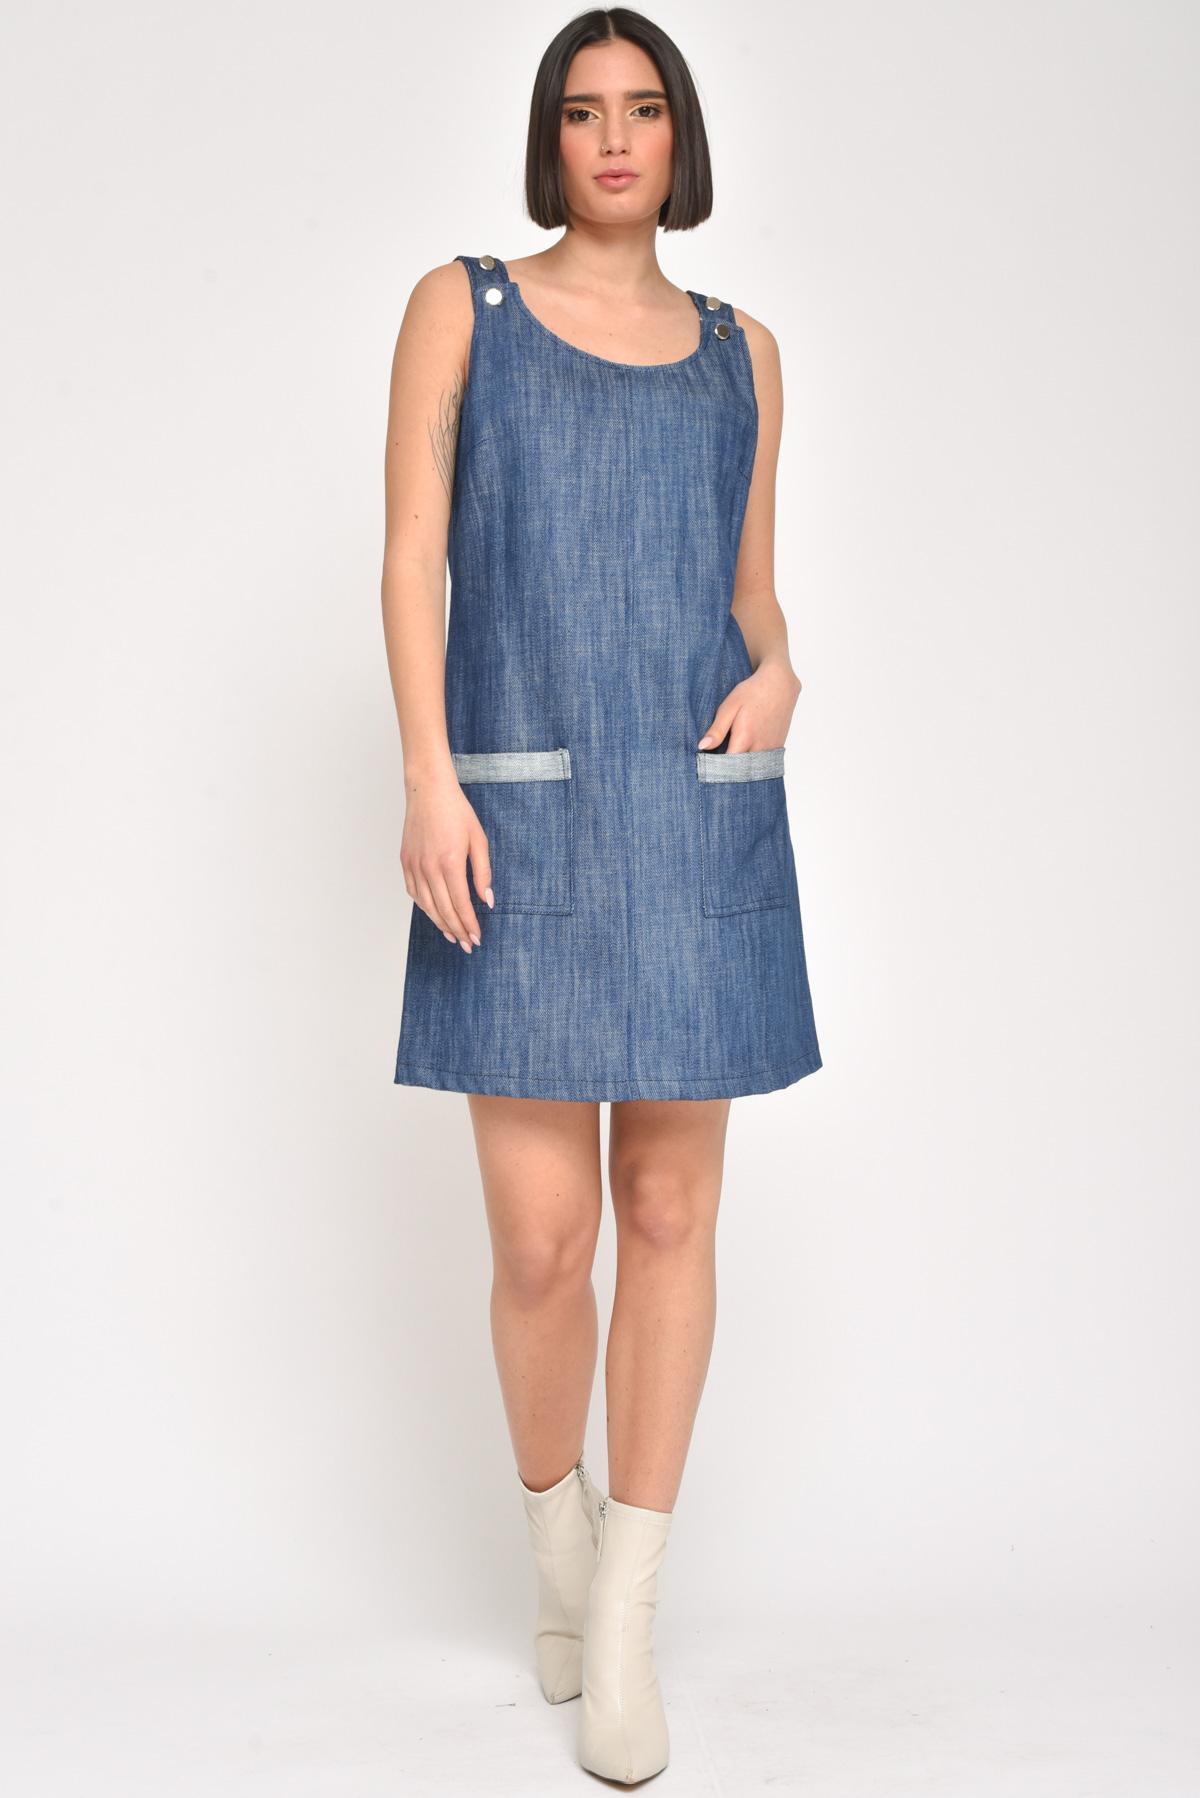 ABITO SMANICATO IN JEANS CON TASCHE for women - JEANS - Paquito Pronto Moda Shop Online